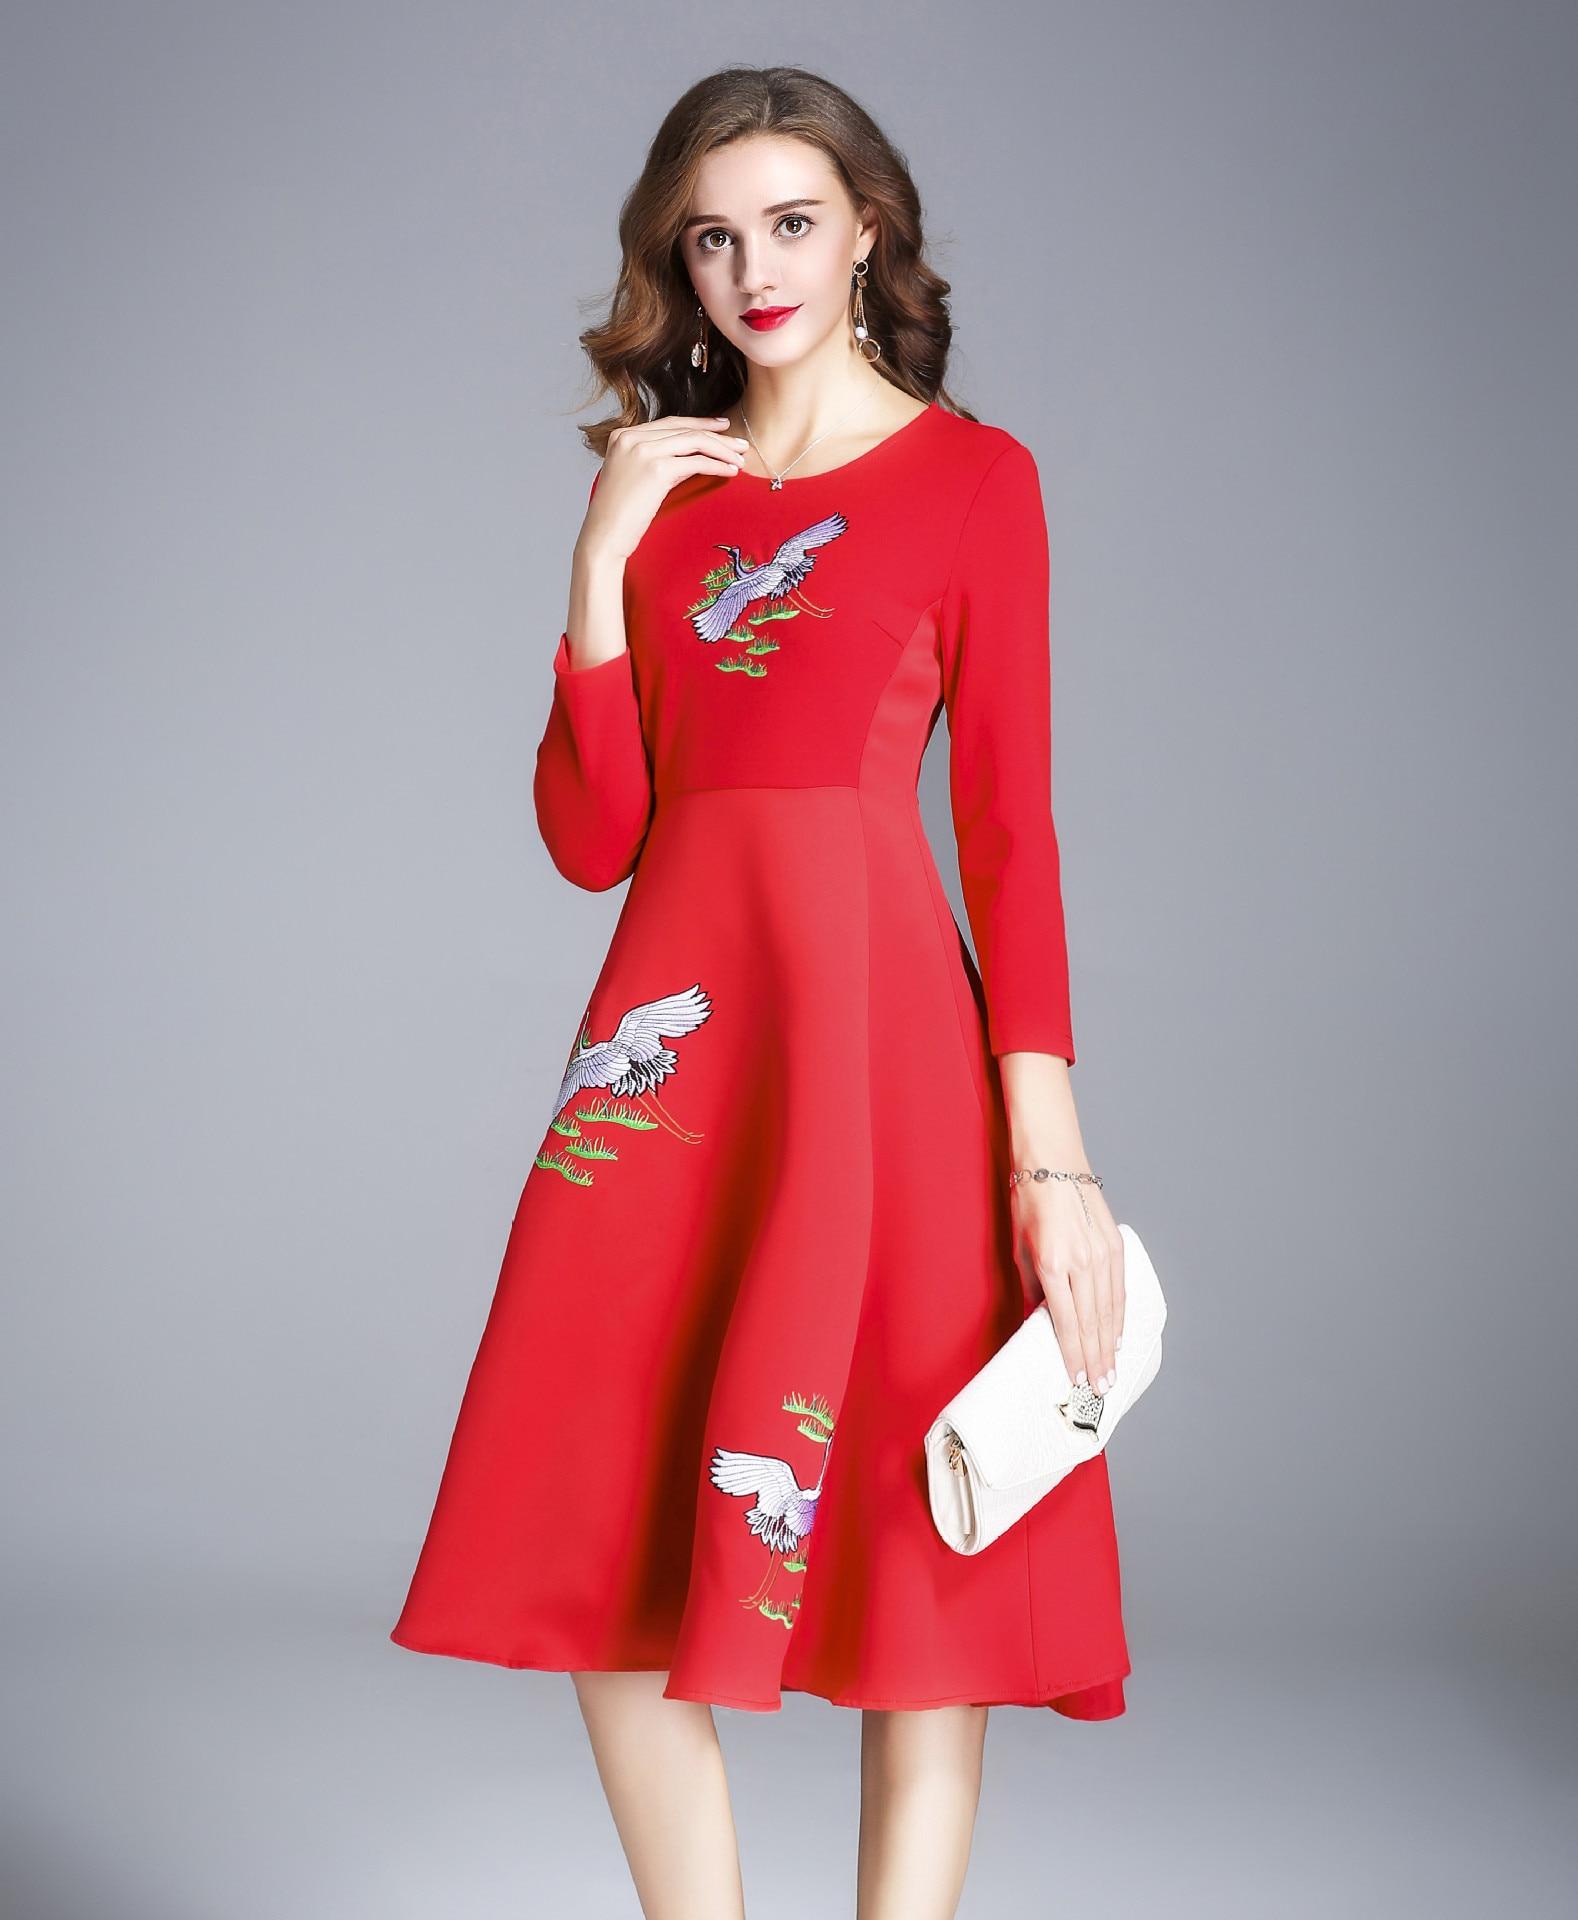 47ec99c42417 Rosso Vestito Di Signora Vestido Donna Della 2019 Borgogna Dell ufficio  Breve Vestiti Elegante Donne Inverno ...